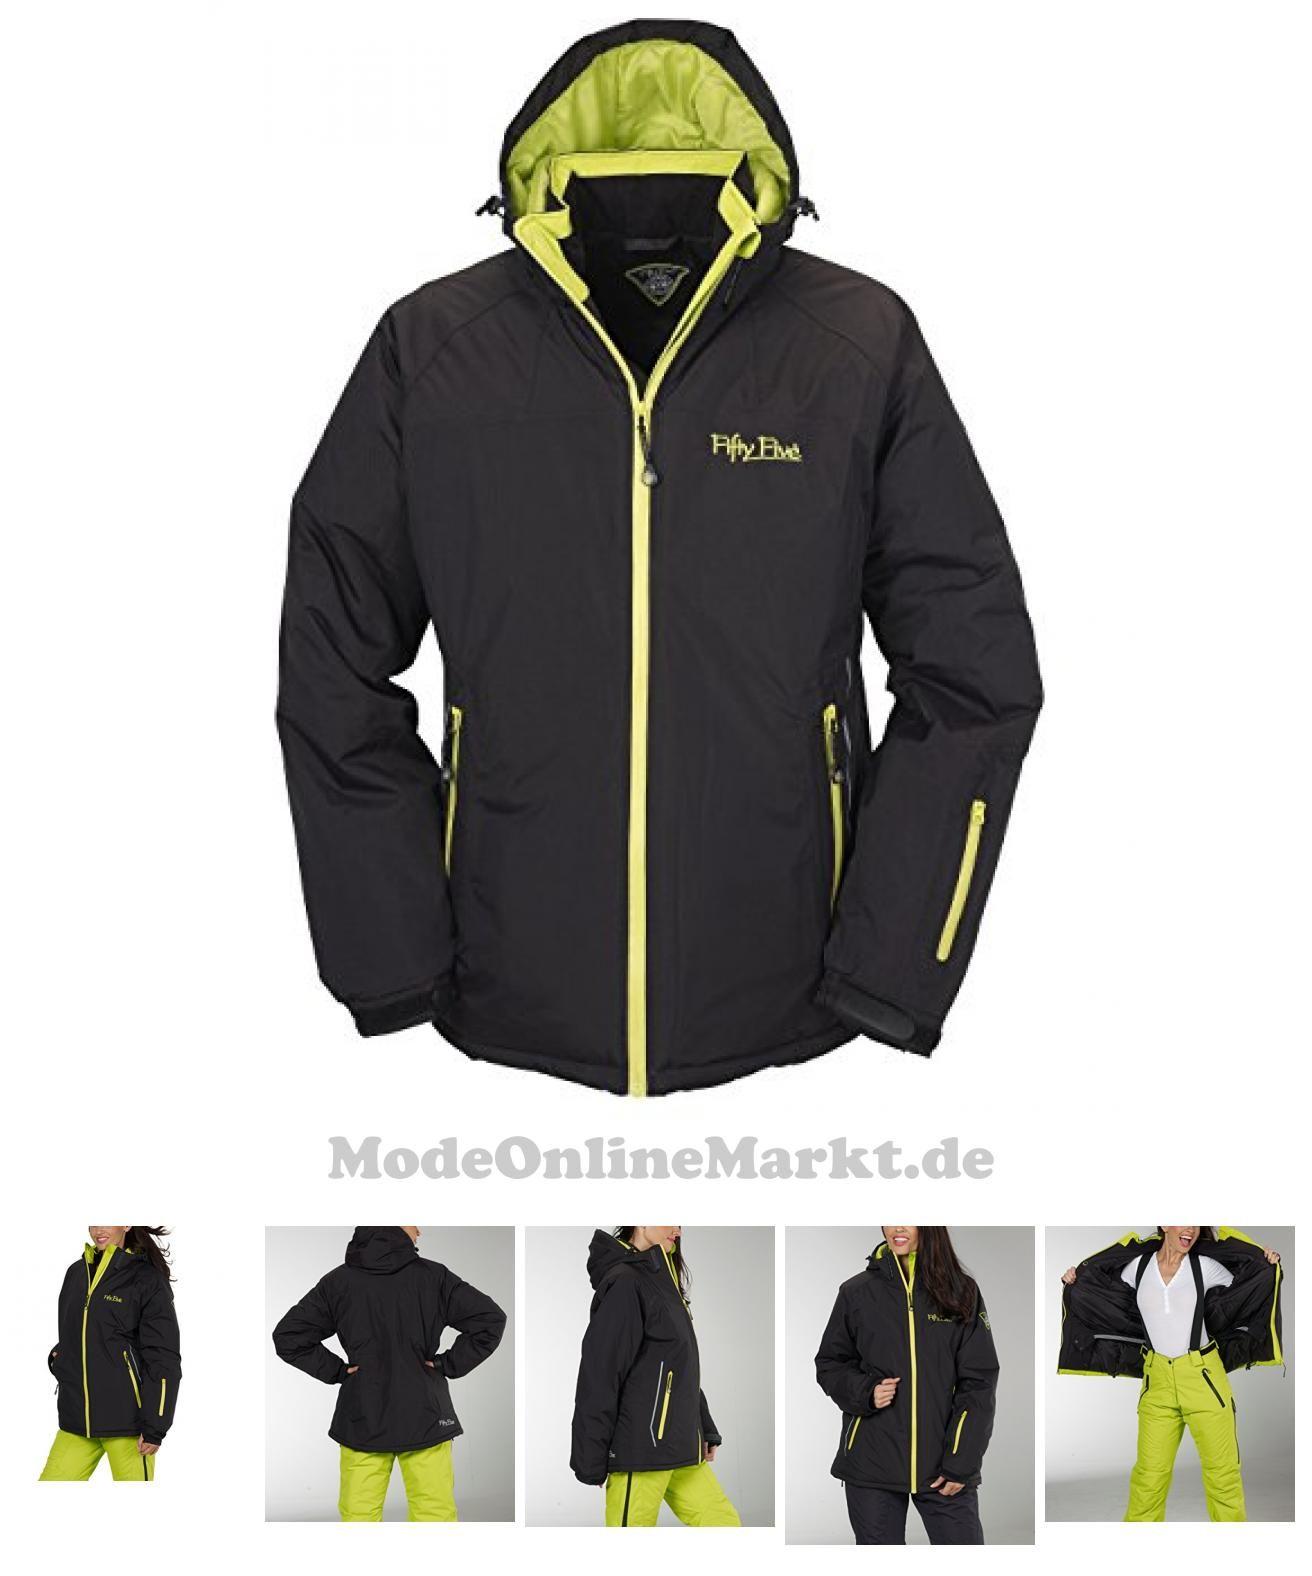 4250205444826 | #Ski-Jacke #Snowboard-Jacken #für #Damen #von #Fifty #Five  #8211; #Glory #black/lime #34  #8211; #winddicht und #wasserdicht mit #FIVE-TEX #Membrane #für #Outdoor-Bekleidung